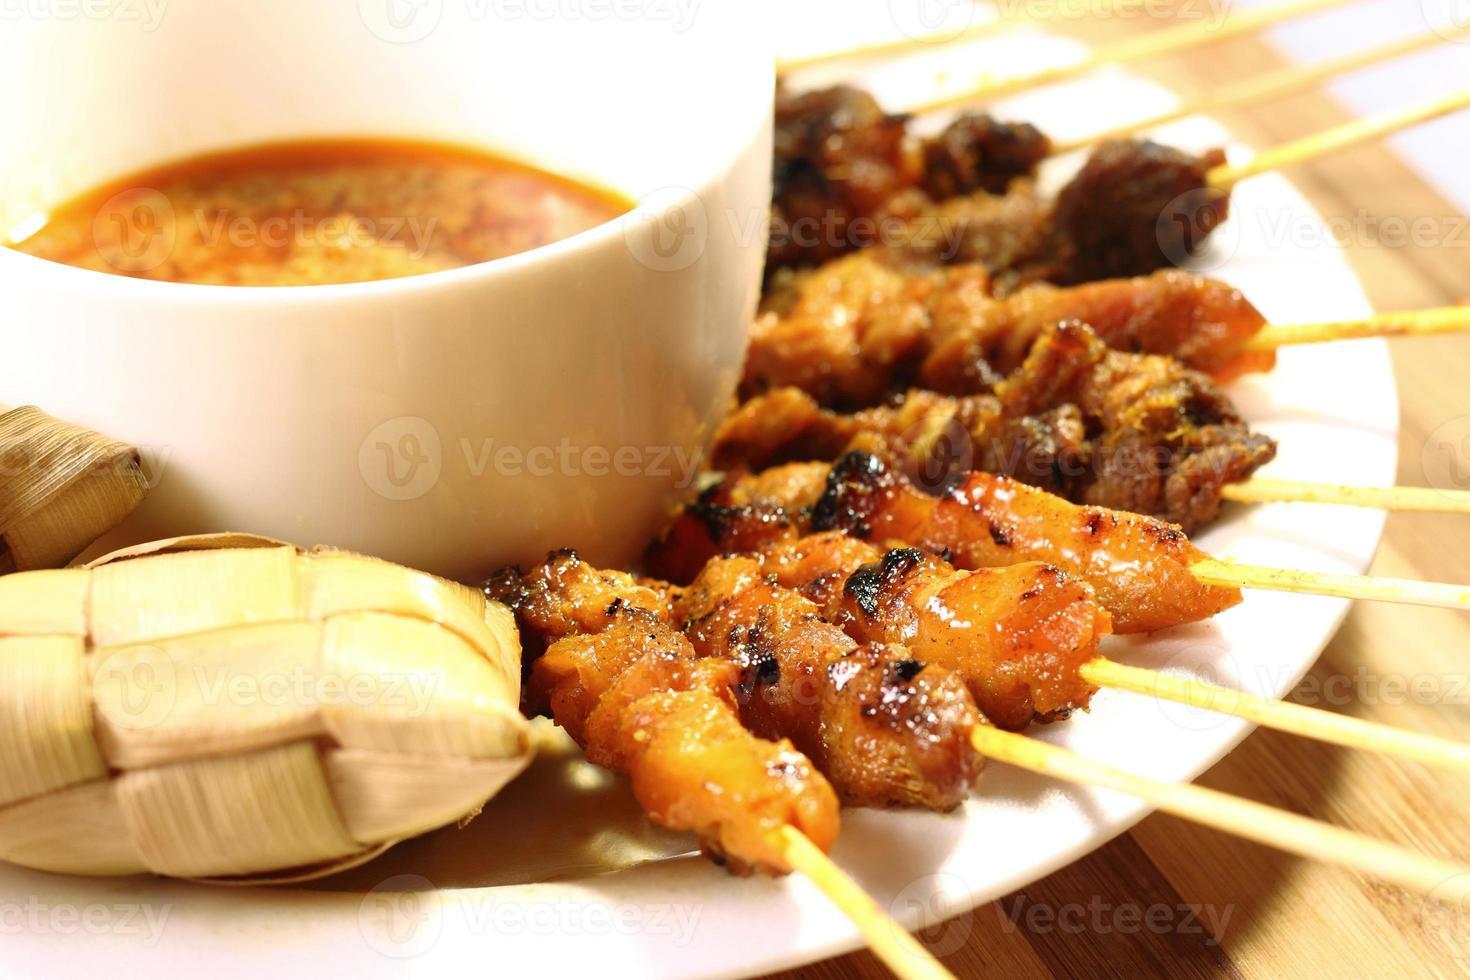 plato de comida satay en una mesa de madera foto